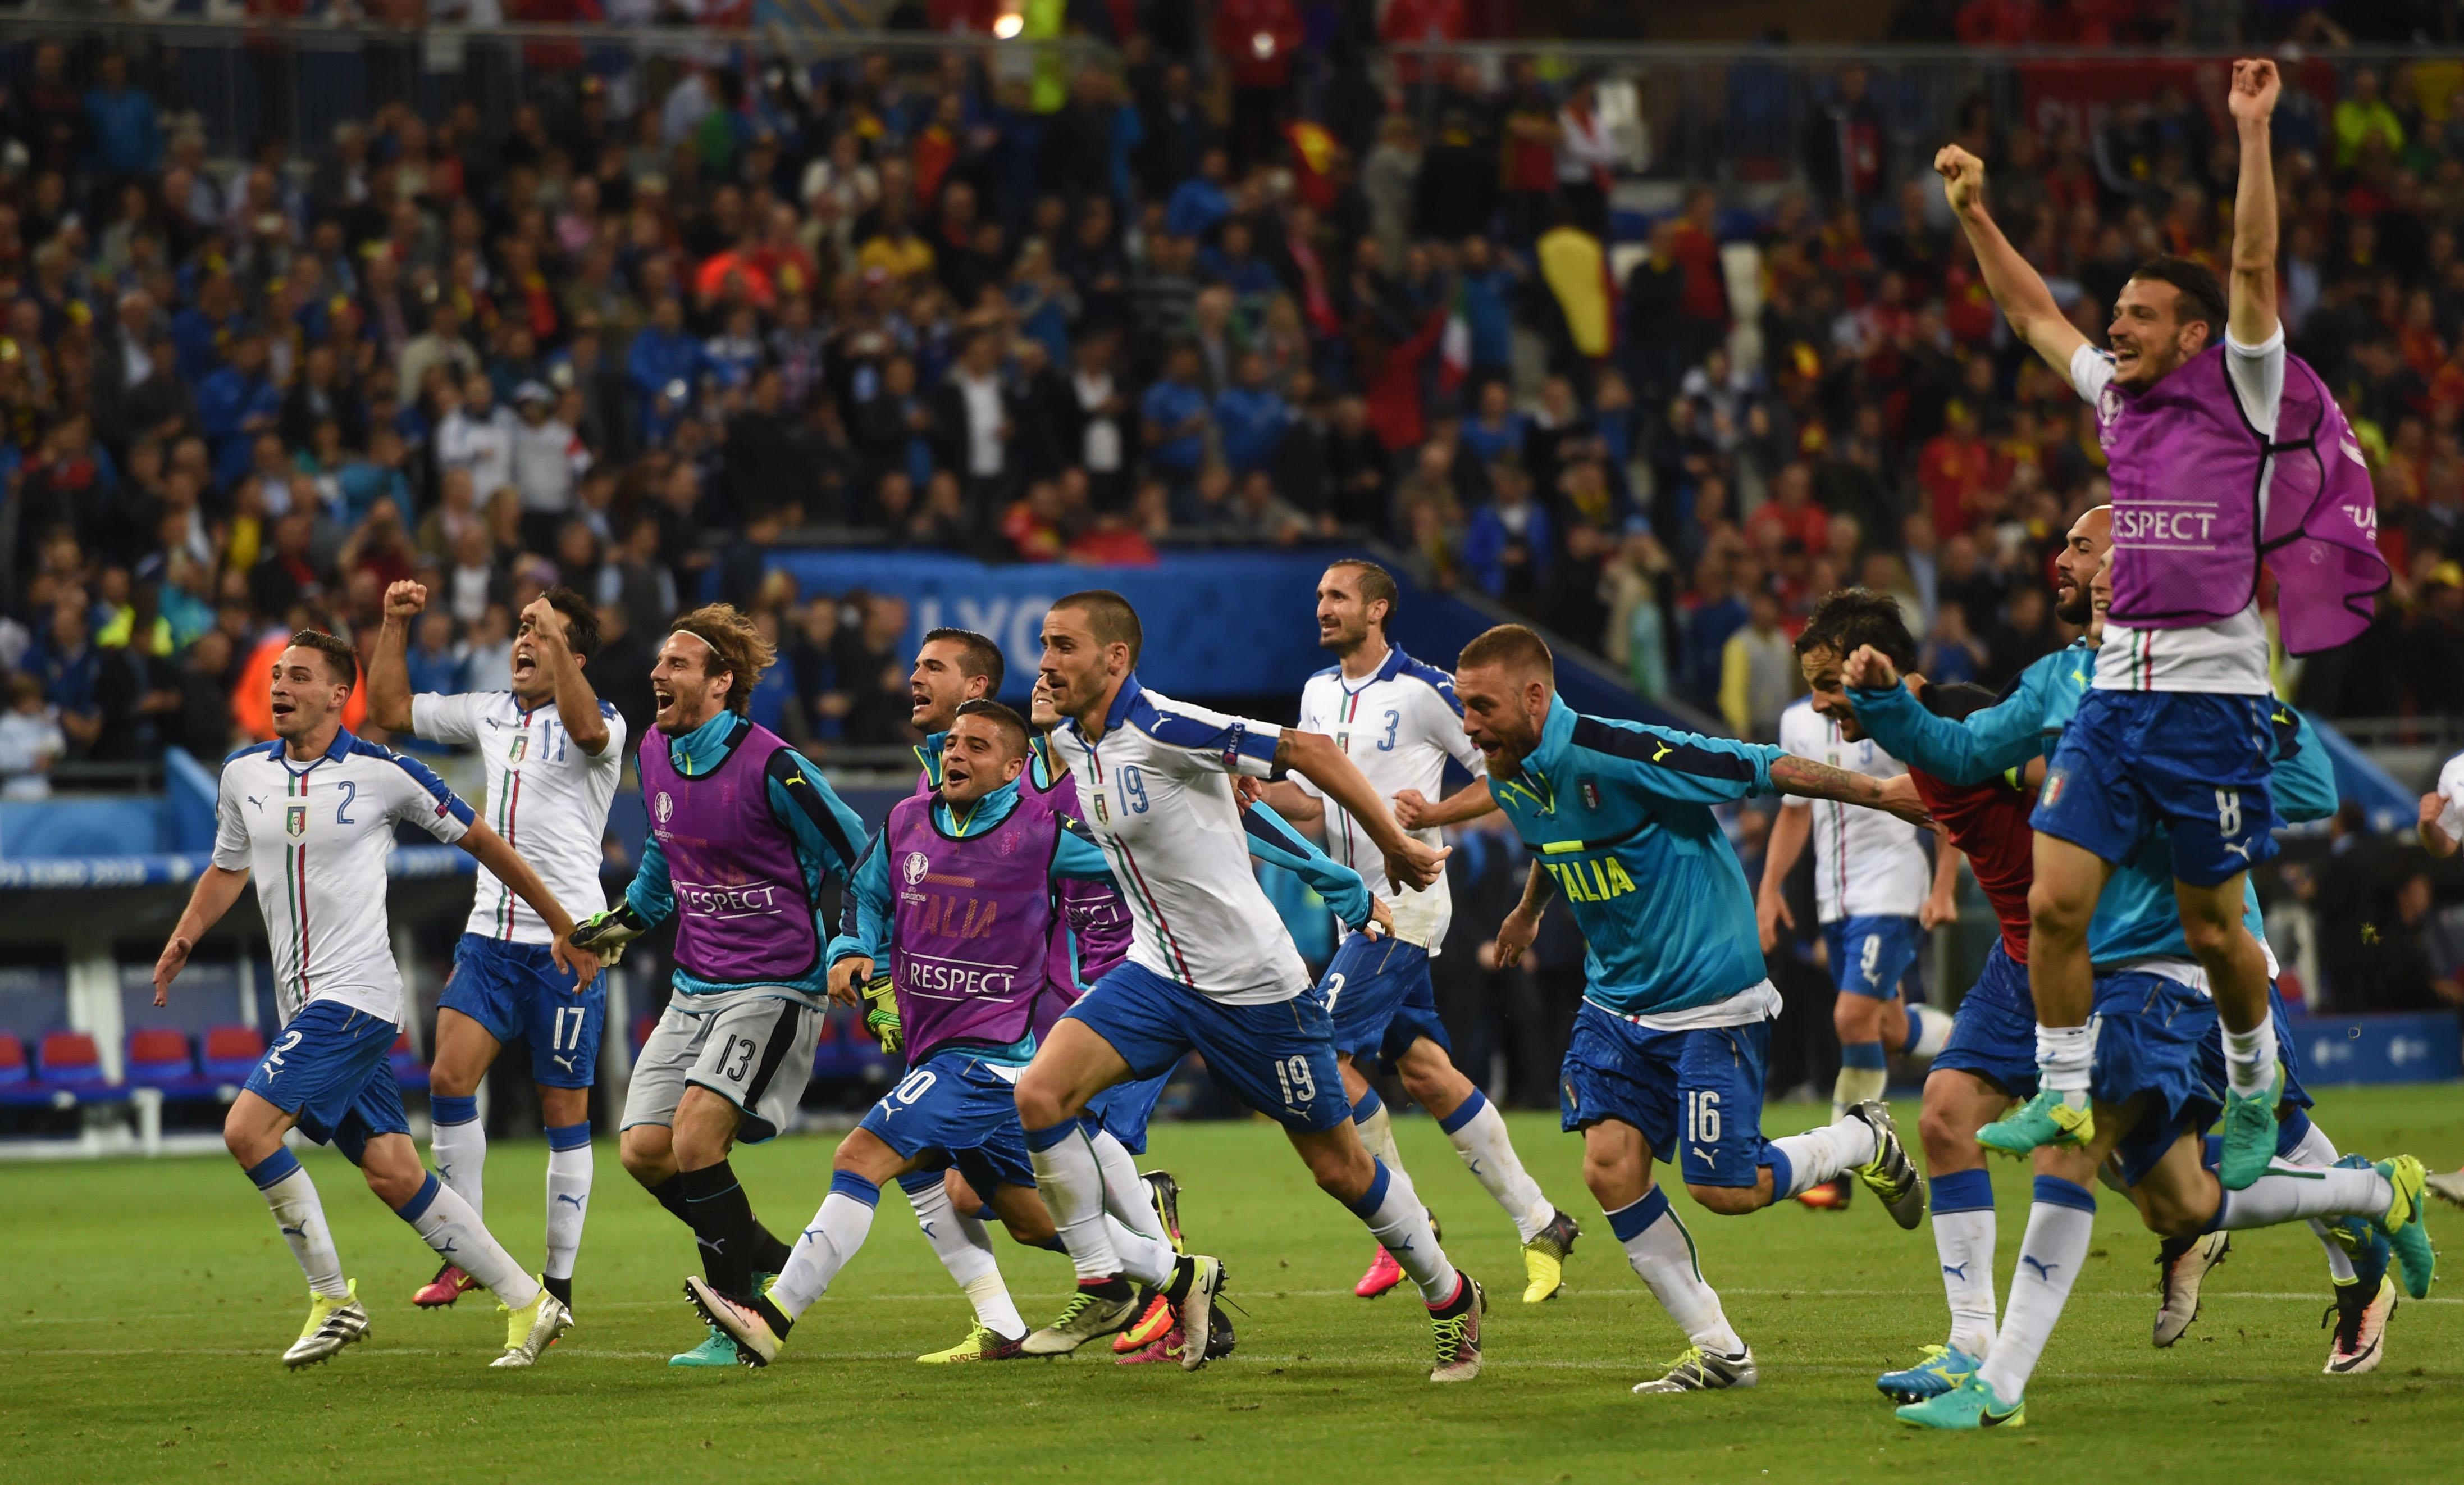 BELGIA - ITALIA 0-2. Doua goluri superbe si numeroase ocazii, in cel mai spectaculos meci de la UEFA EURO 2016. REZUMAT VIDEO